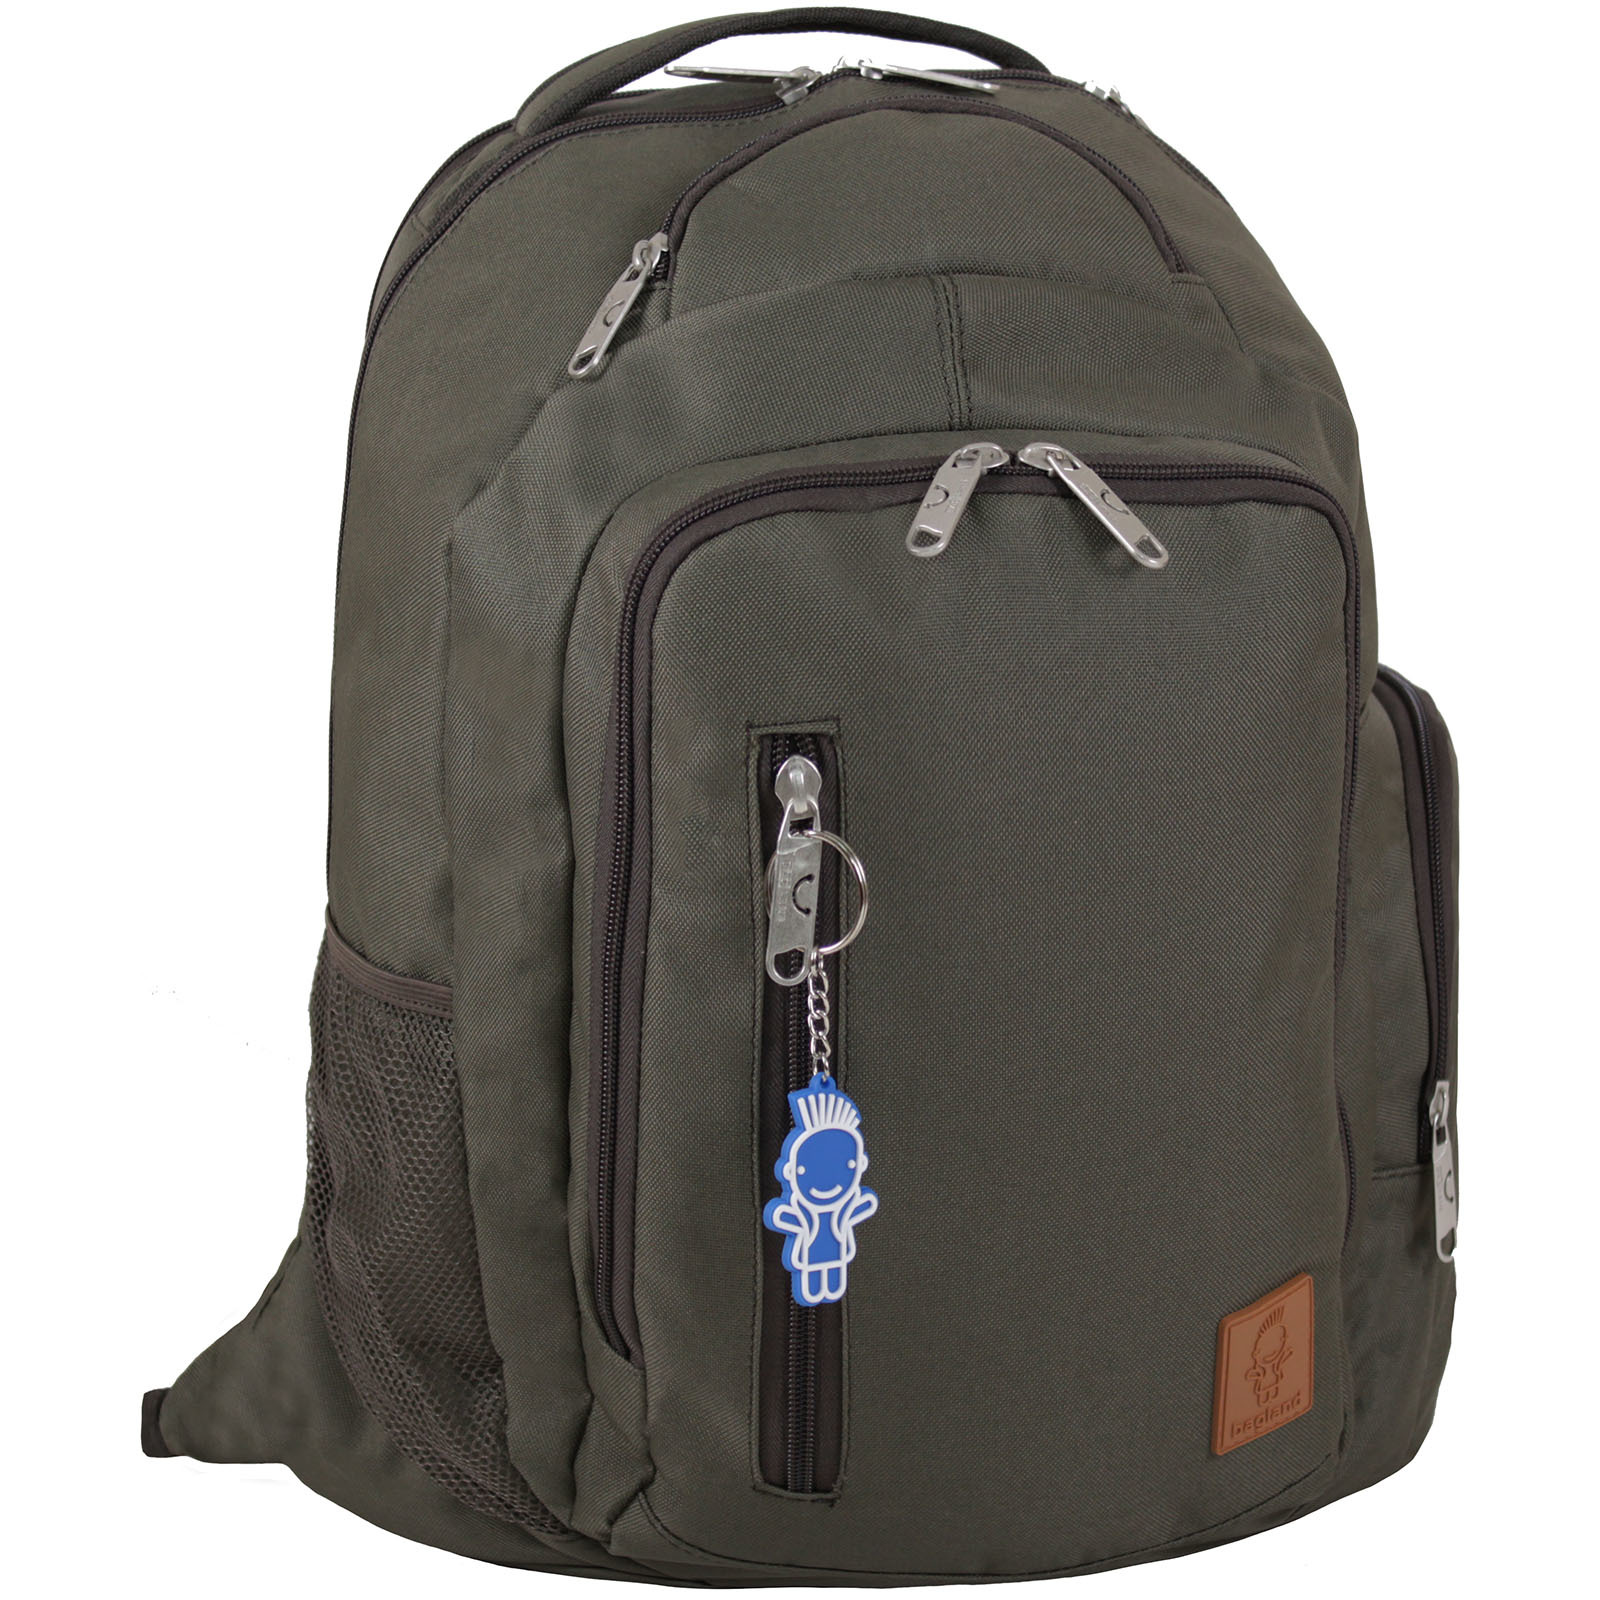 Рюкзаки для ноутбука Рюкзак для ноутбука Bagland Техас 29 л. Хаки (00532662) IMG_1764.JPG